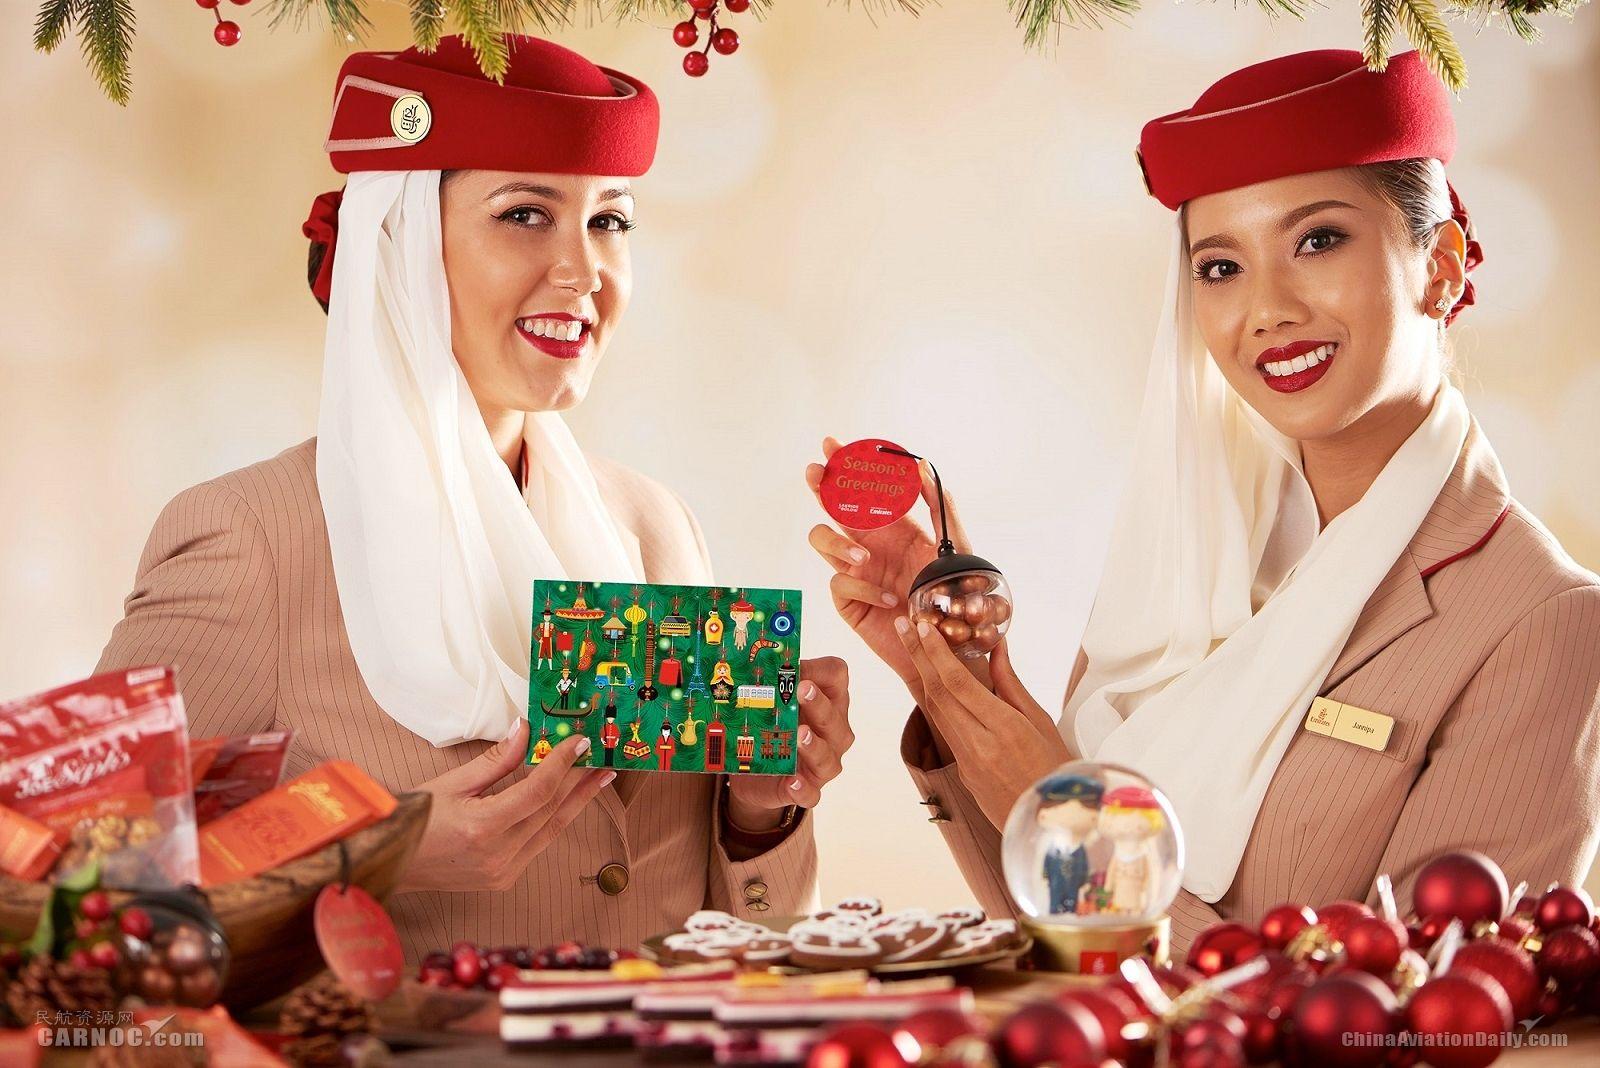 阿联酋航空将供应50万份圣诞机上餐食